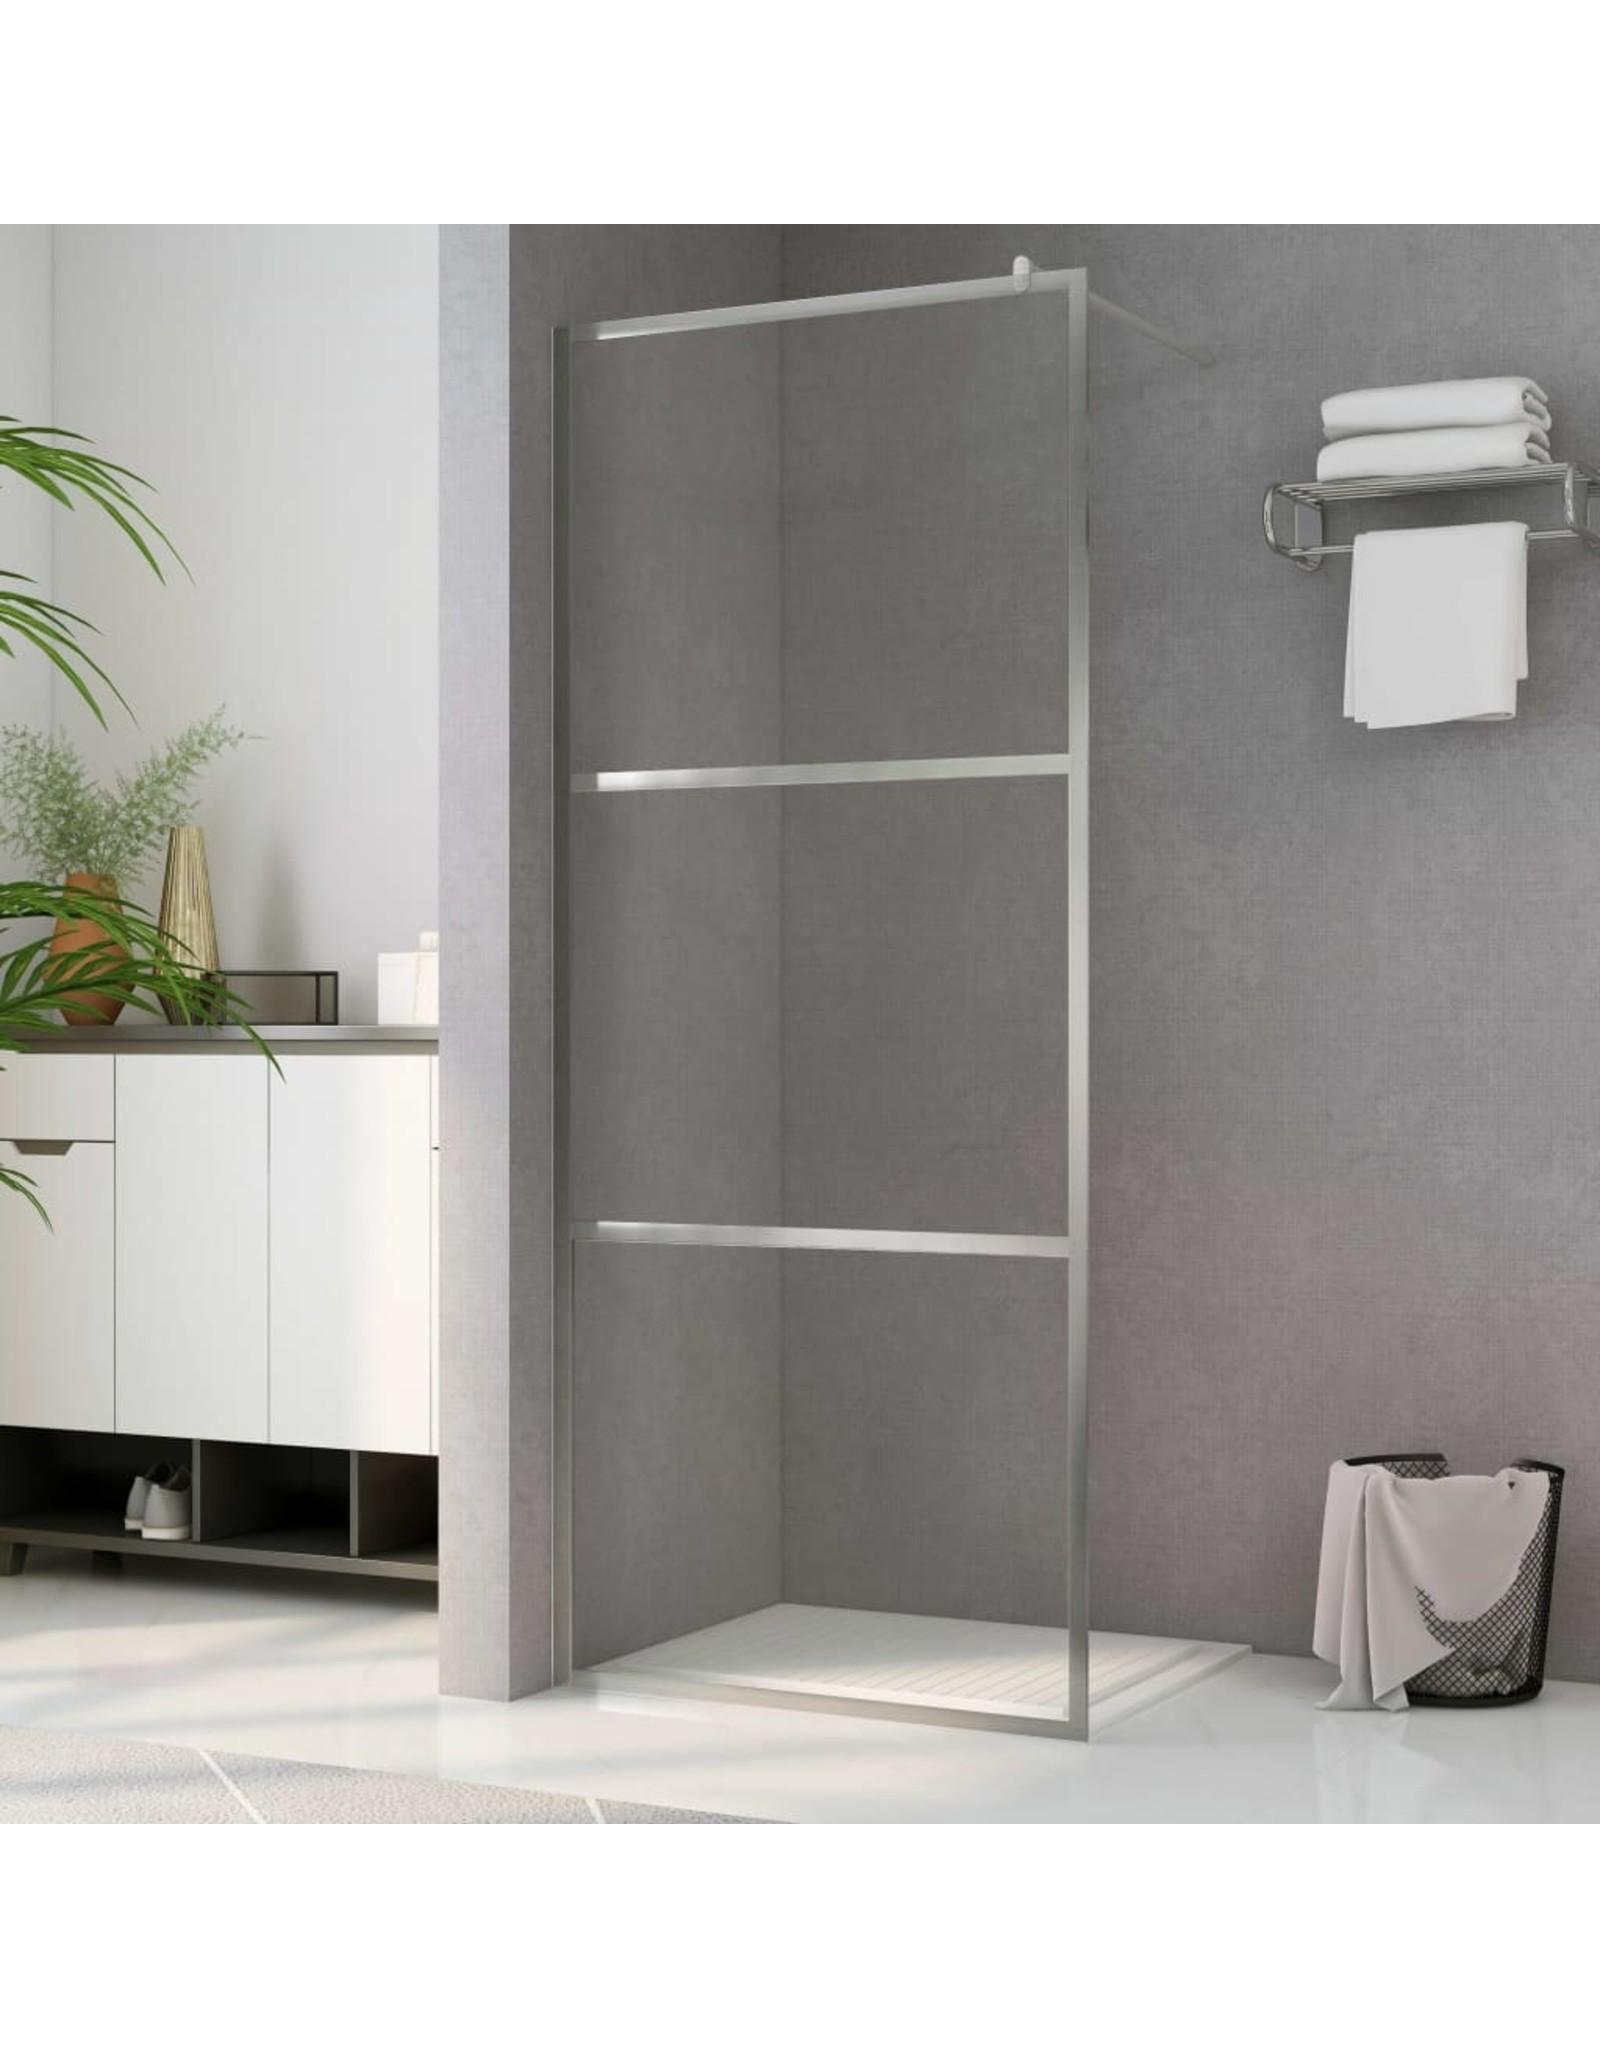 Inloopdouchewand transparant 80x195 cm ESG-glas